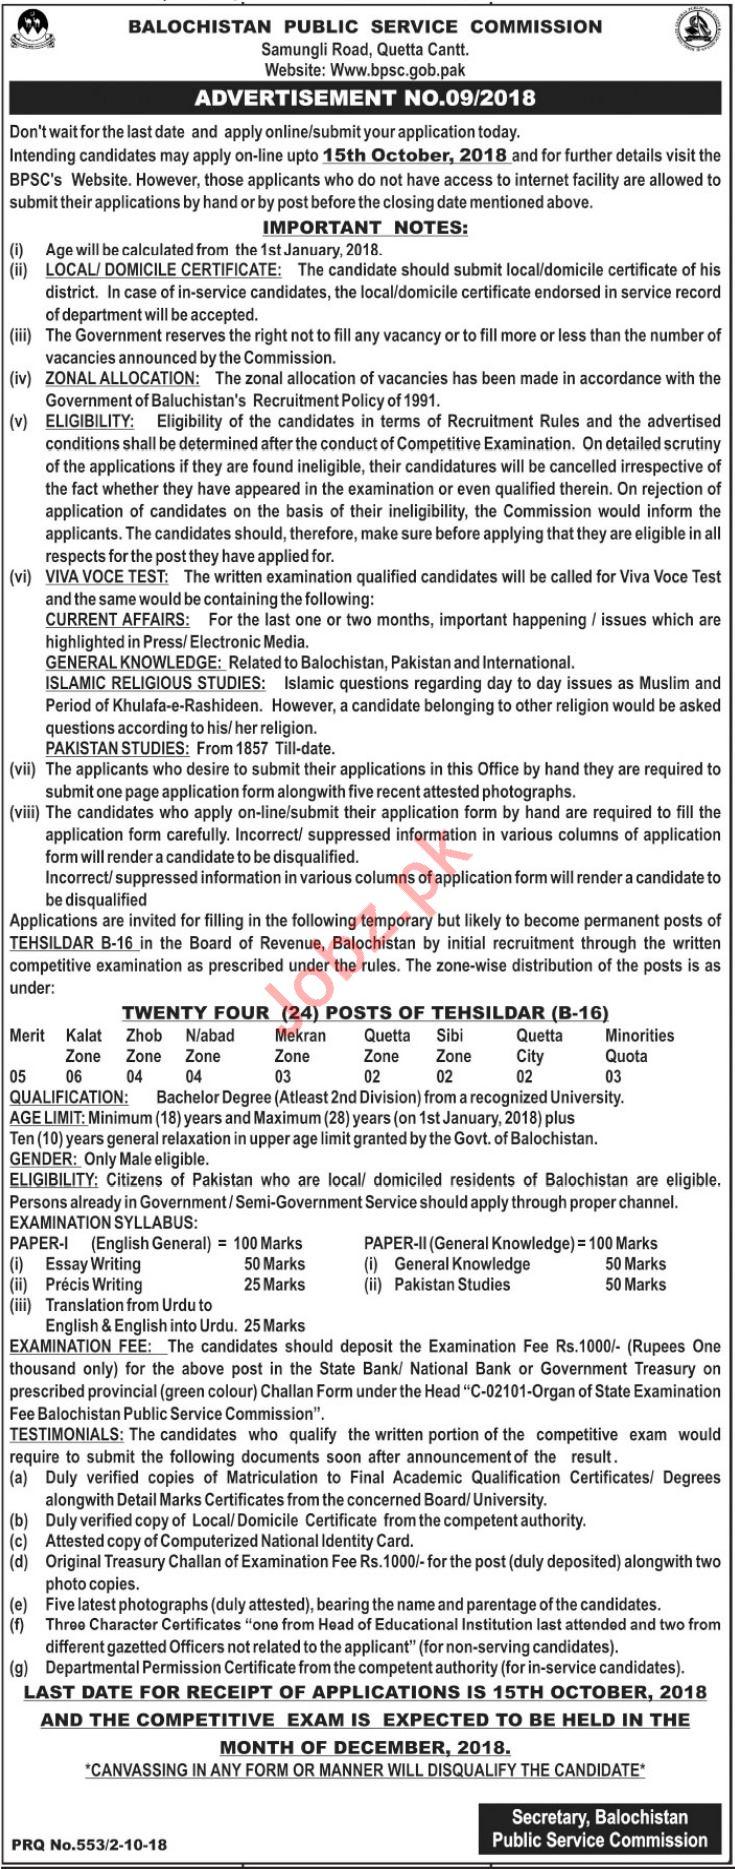 Balochistan Public Service Commission BPSC Jobs 2018